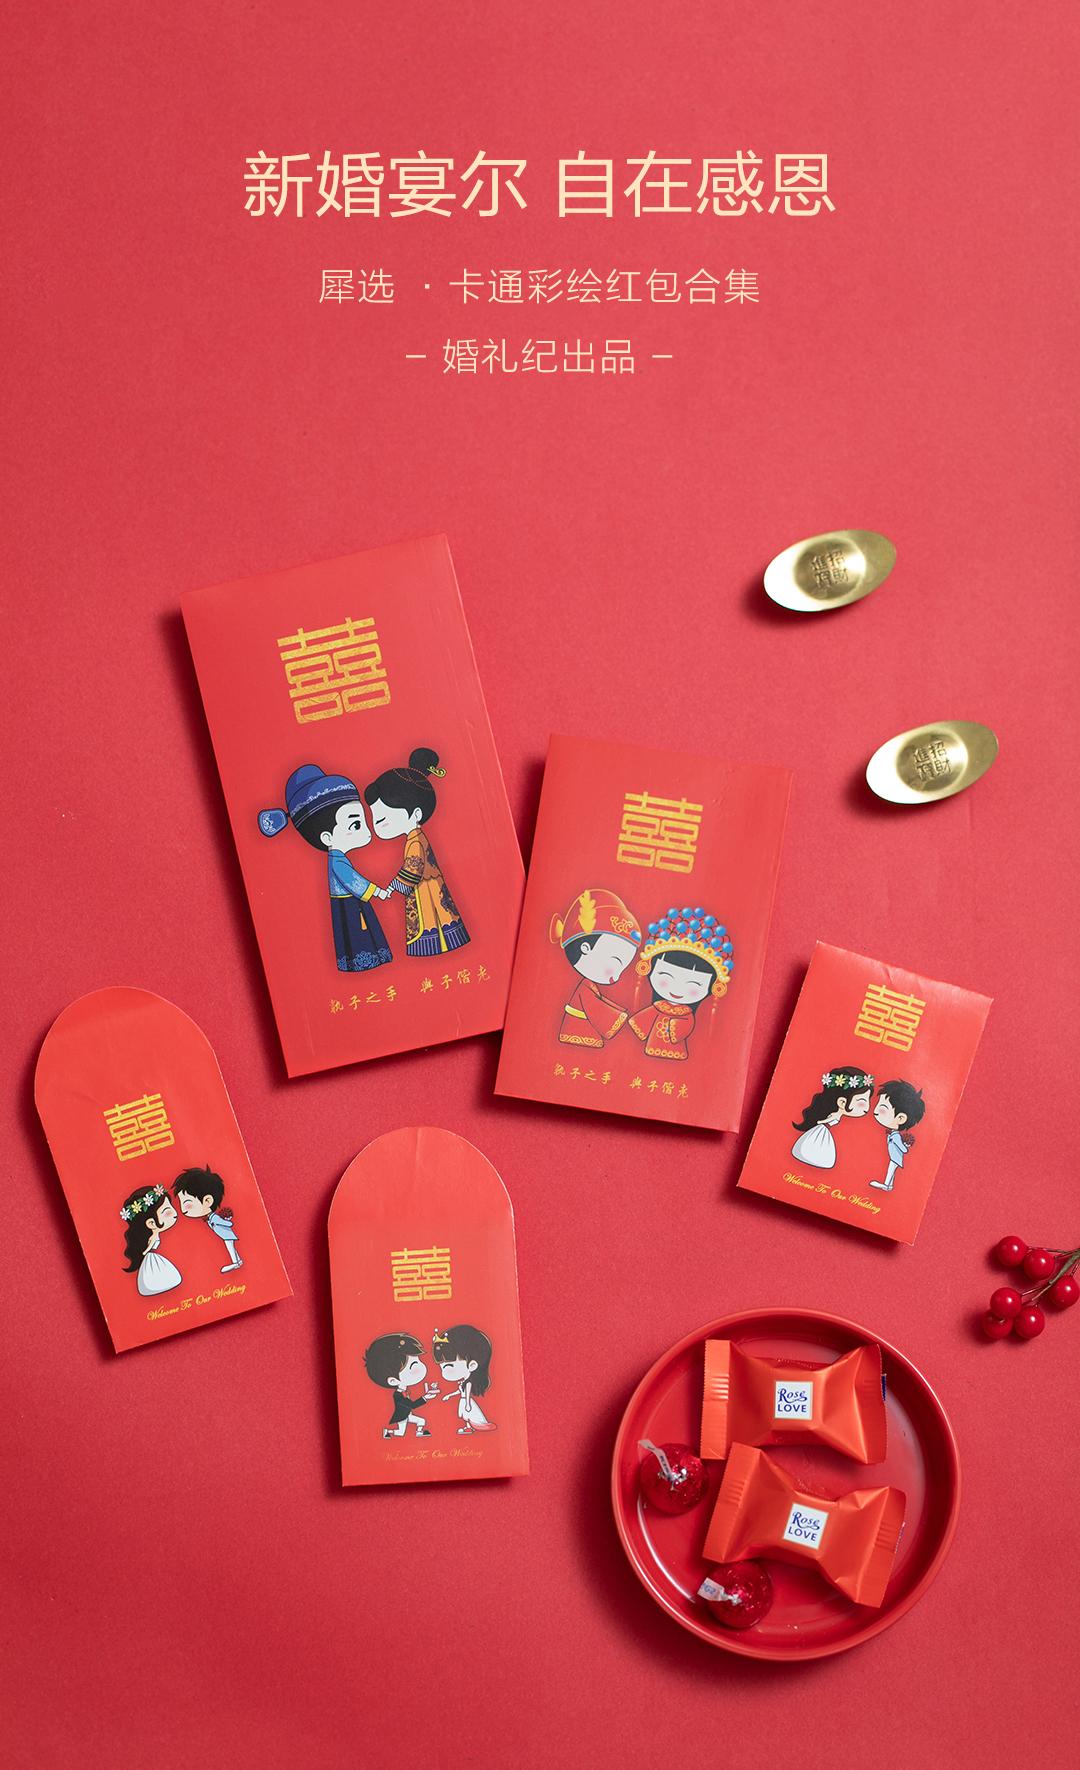 双喜卡通彩绘红包